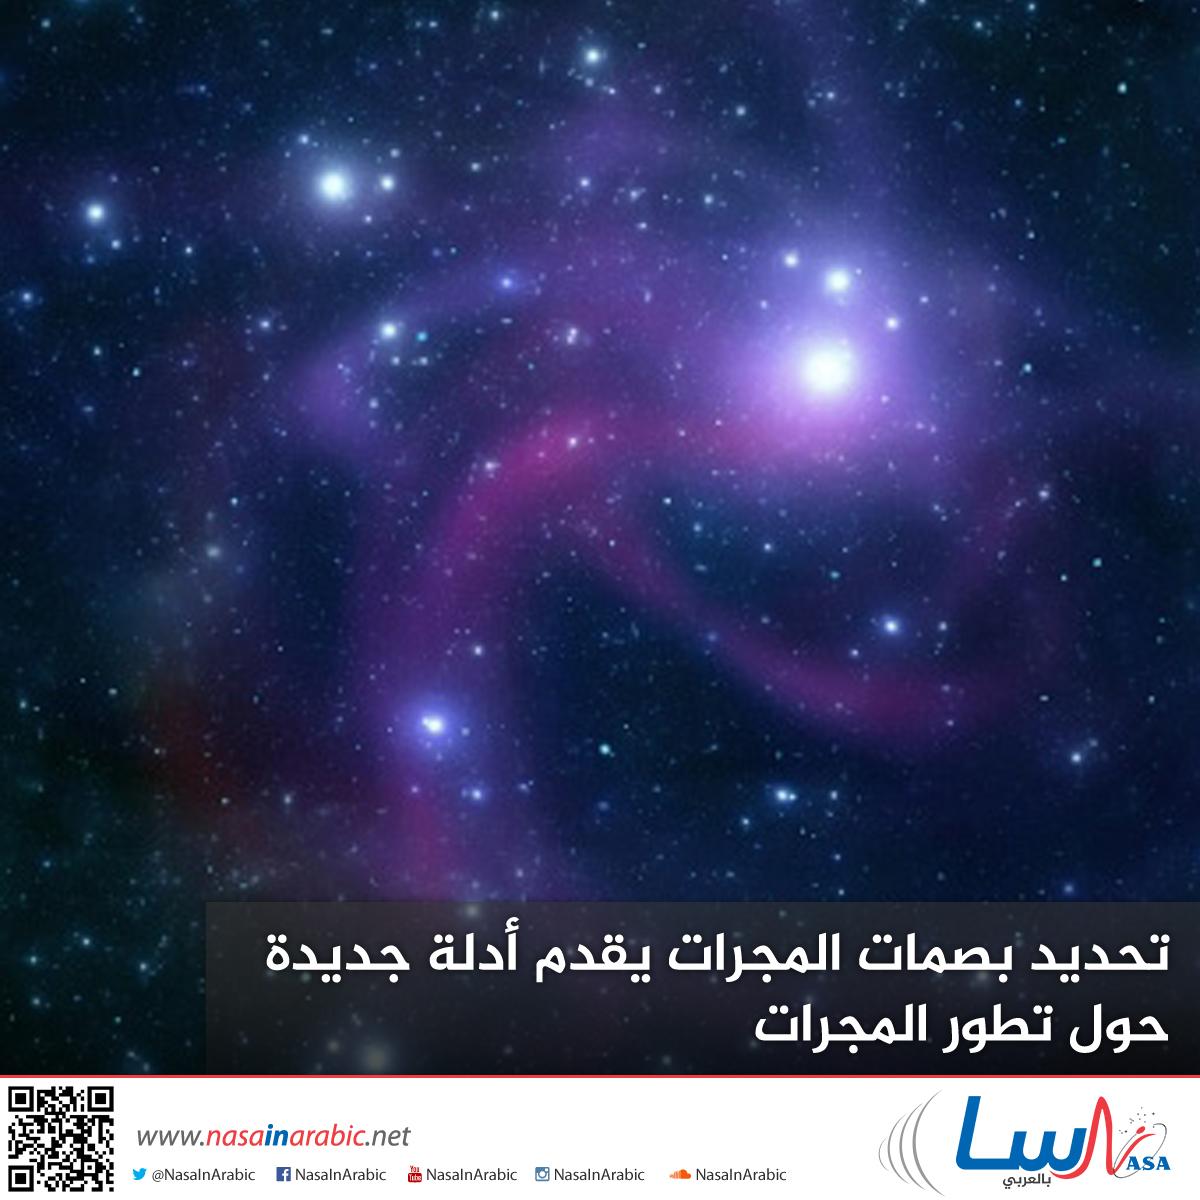 تحديد بصمات المجرات يقدم أدلة جديدة حول تطور المجرات